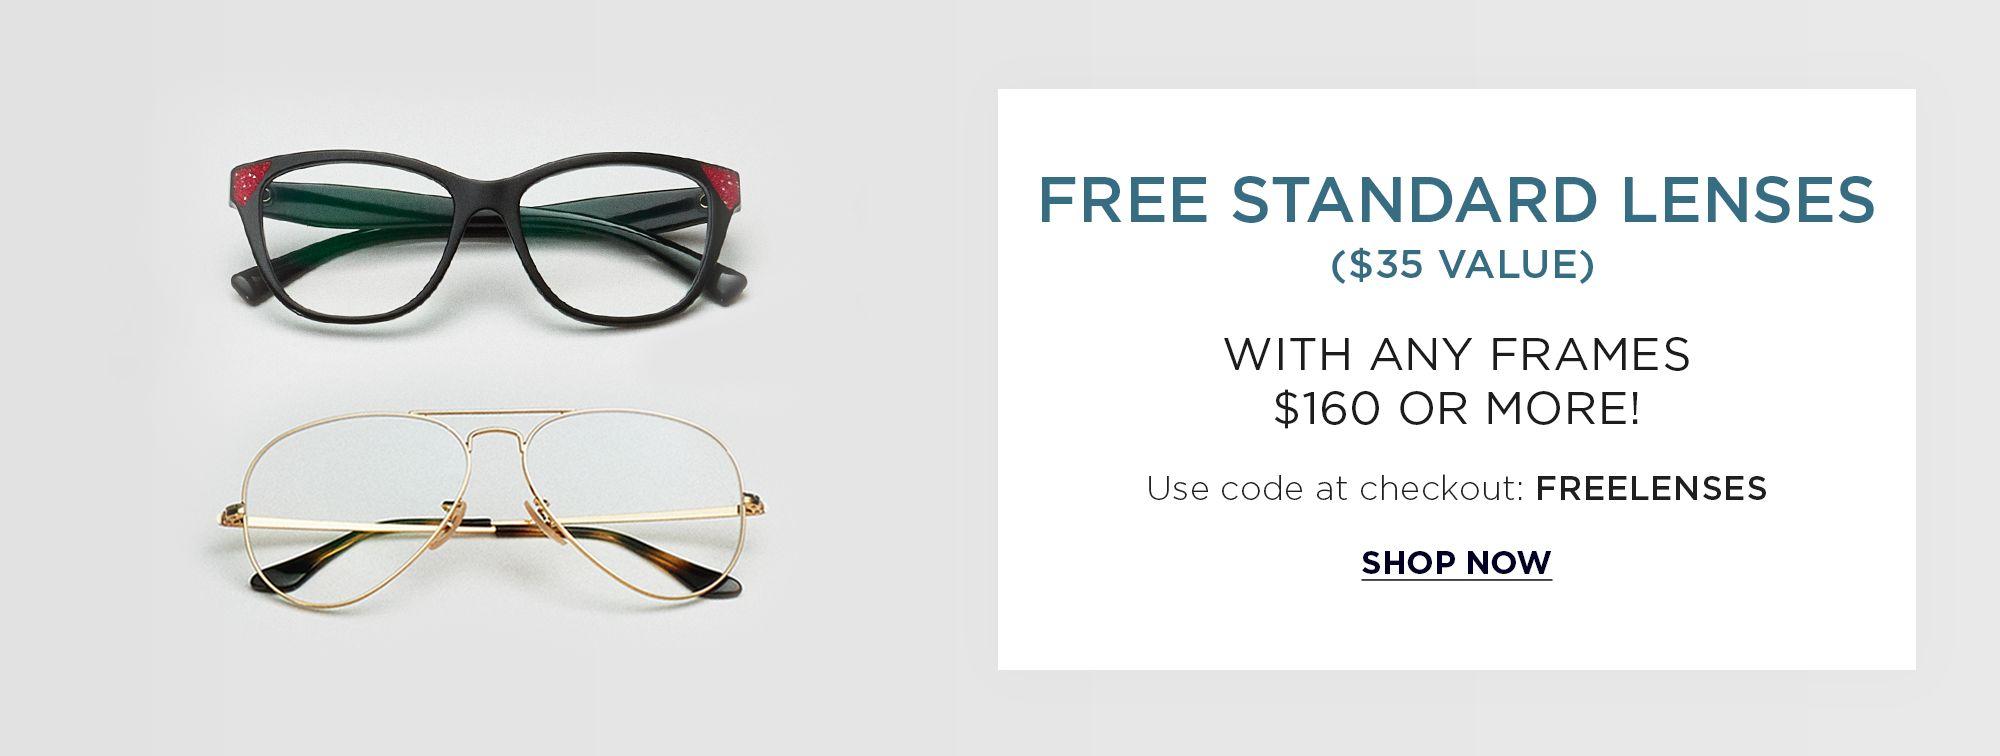 97a299f19d2 Discounts   Deals on glasses   sunglasses